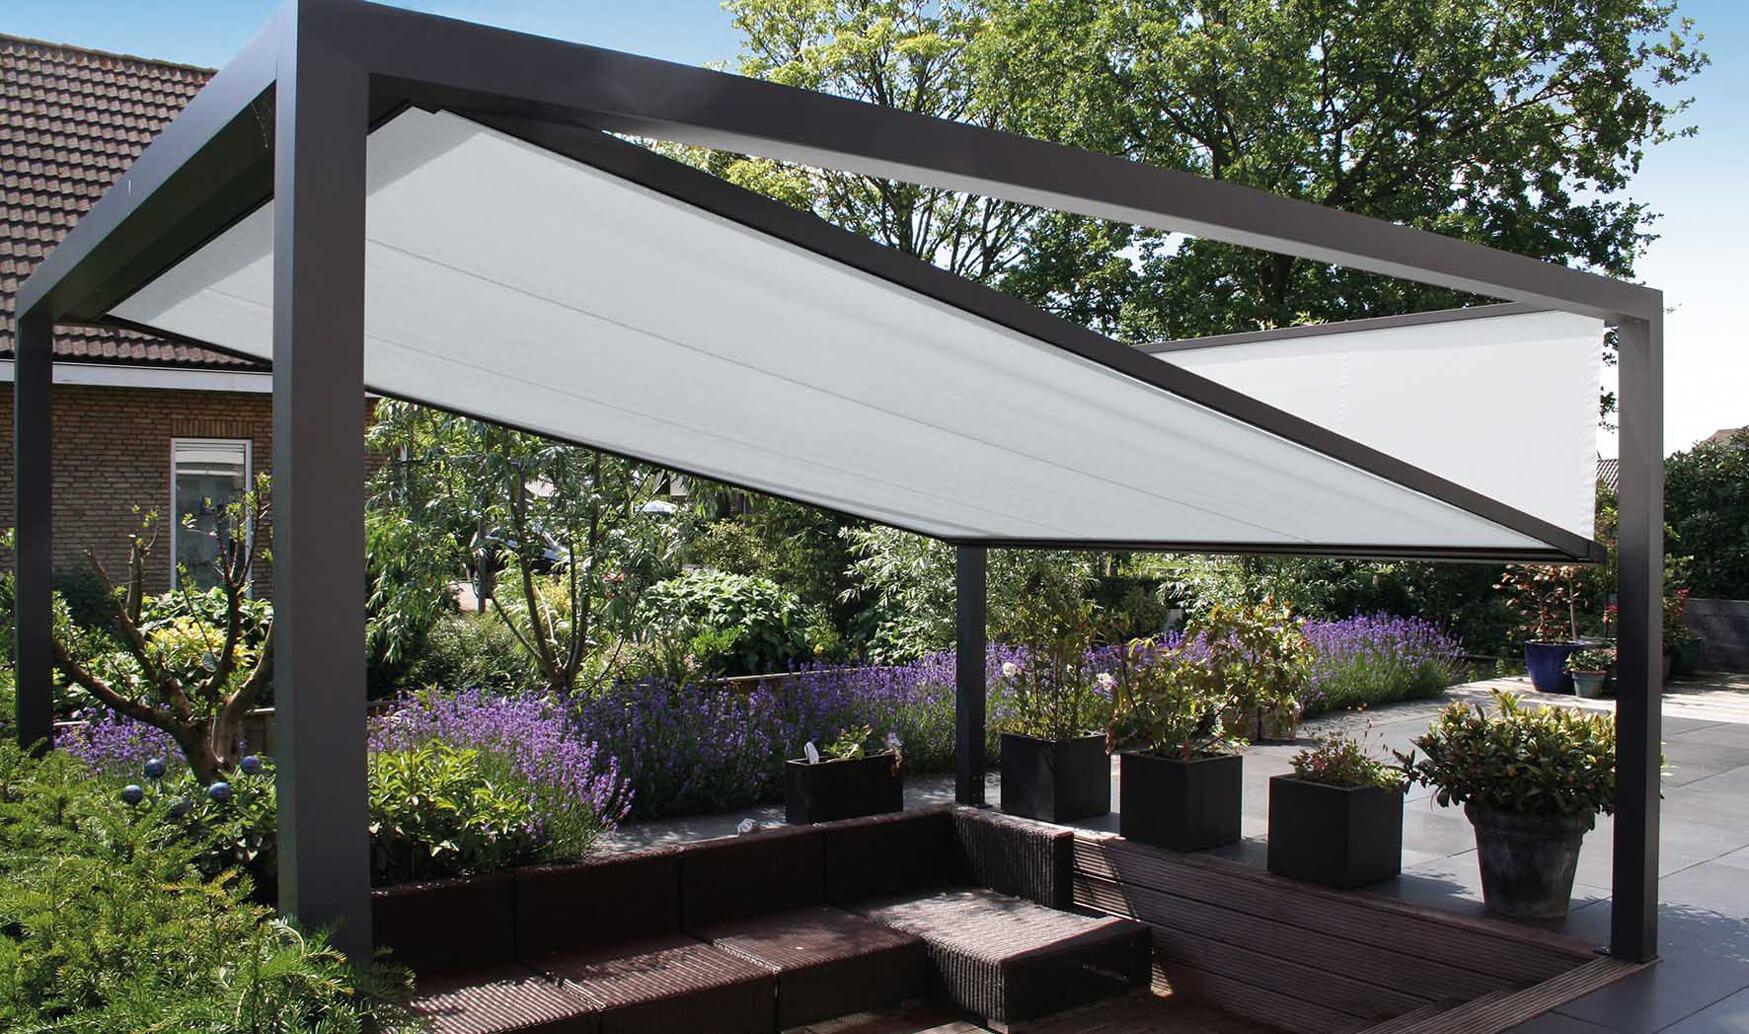 ZIP Beschattungen CUBA Sonnenschutzanlage für Terrassen